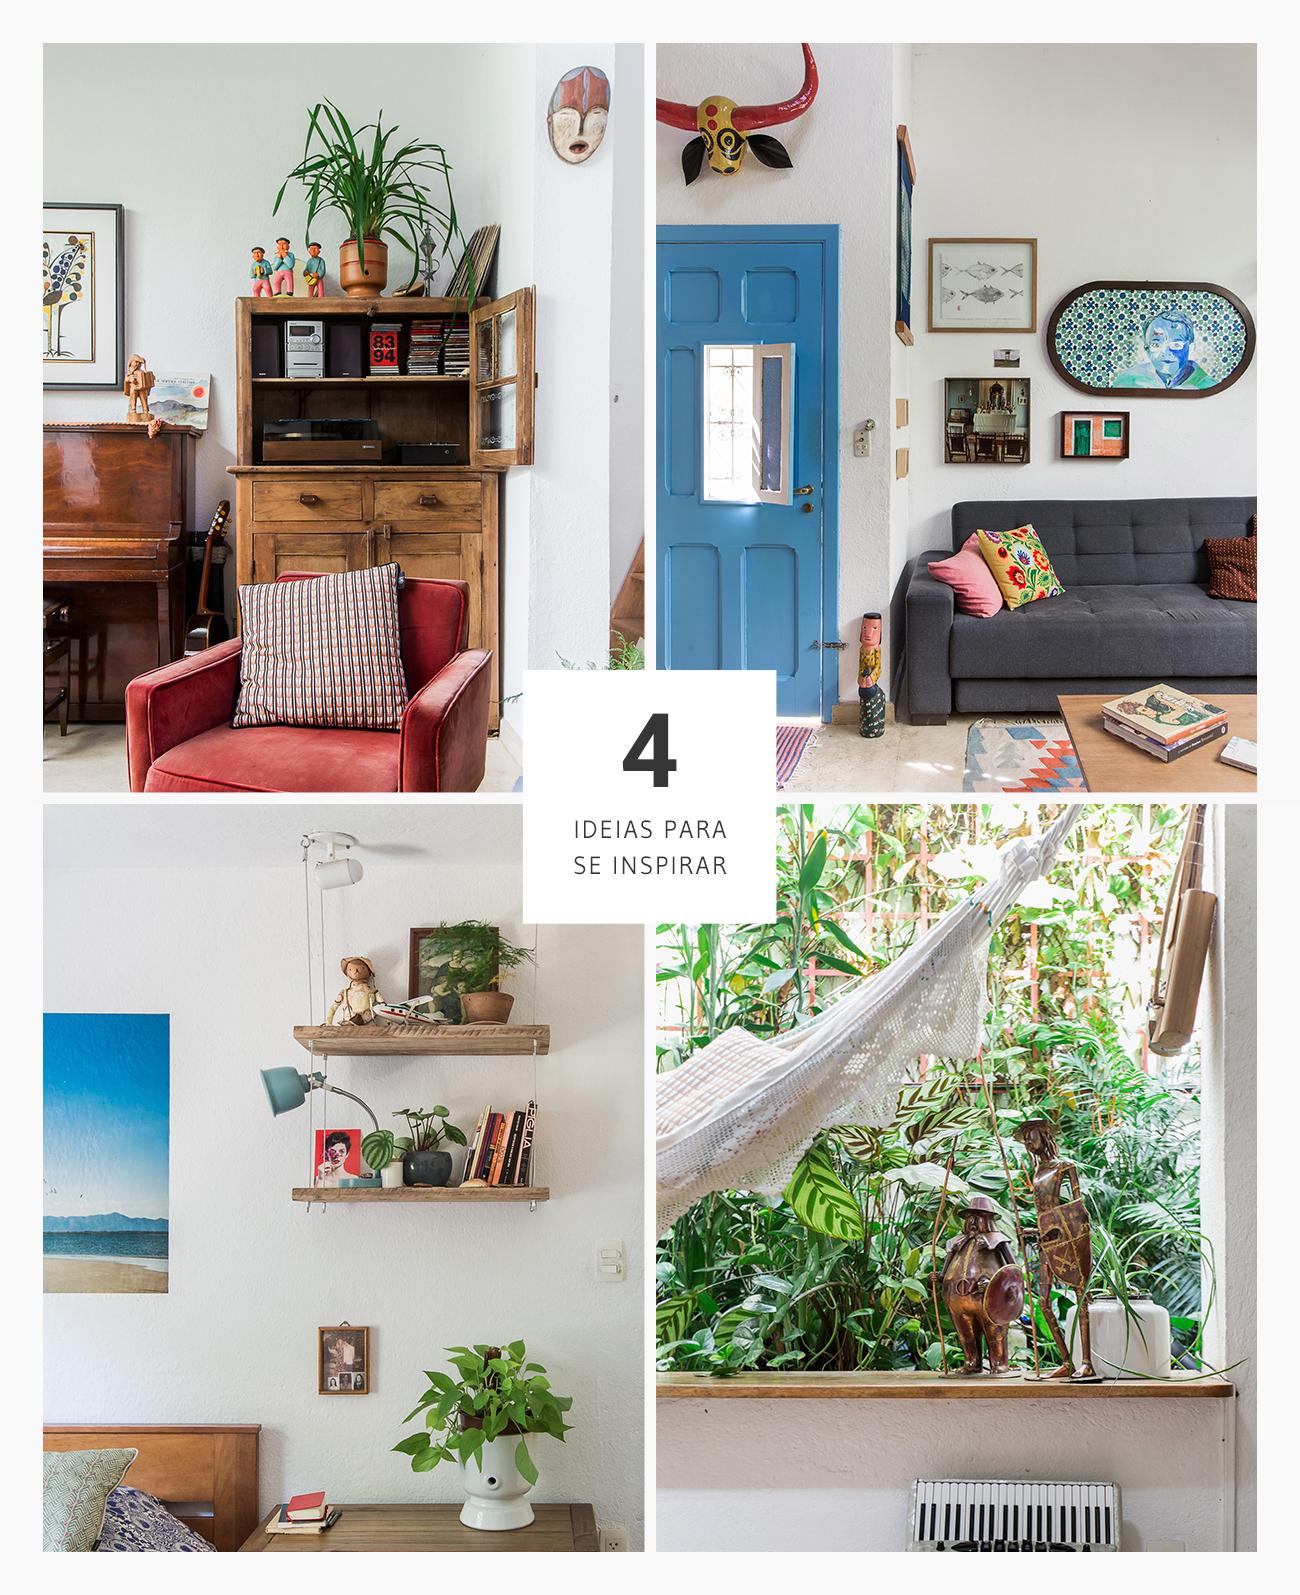 Casa colorida com boas ideias de decoração